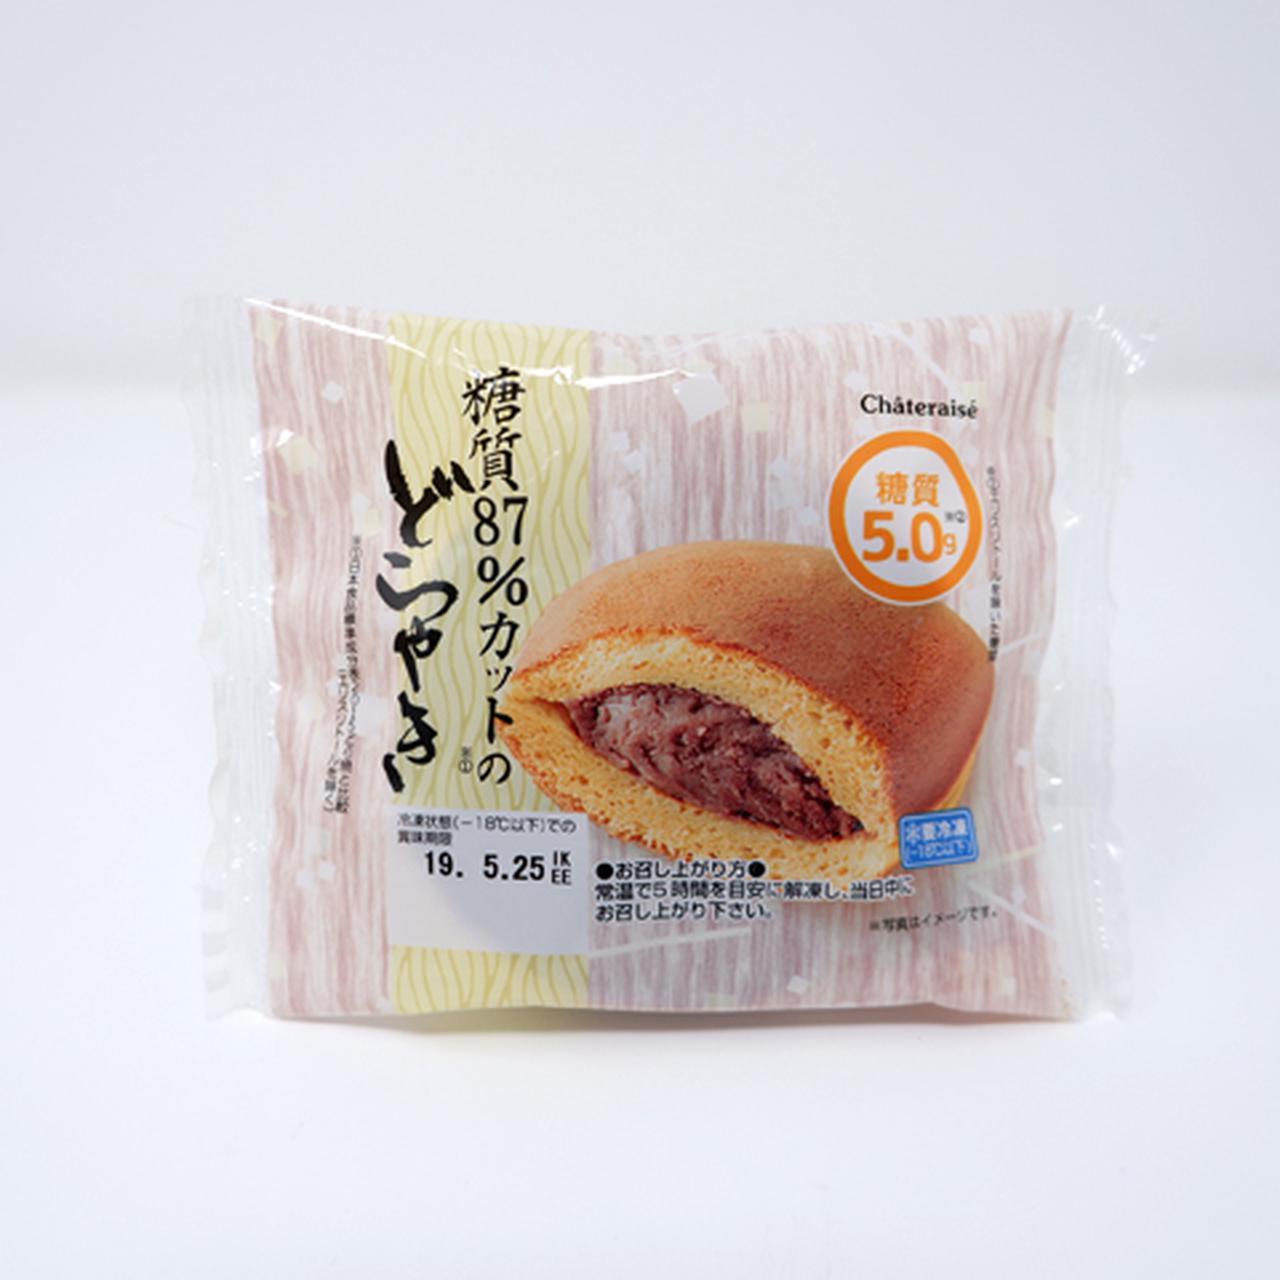 画像: 常温で3時間解凍すると美味しくいただけます www.chateraise.co.jp